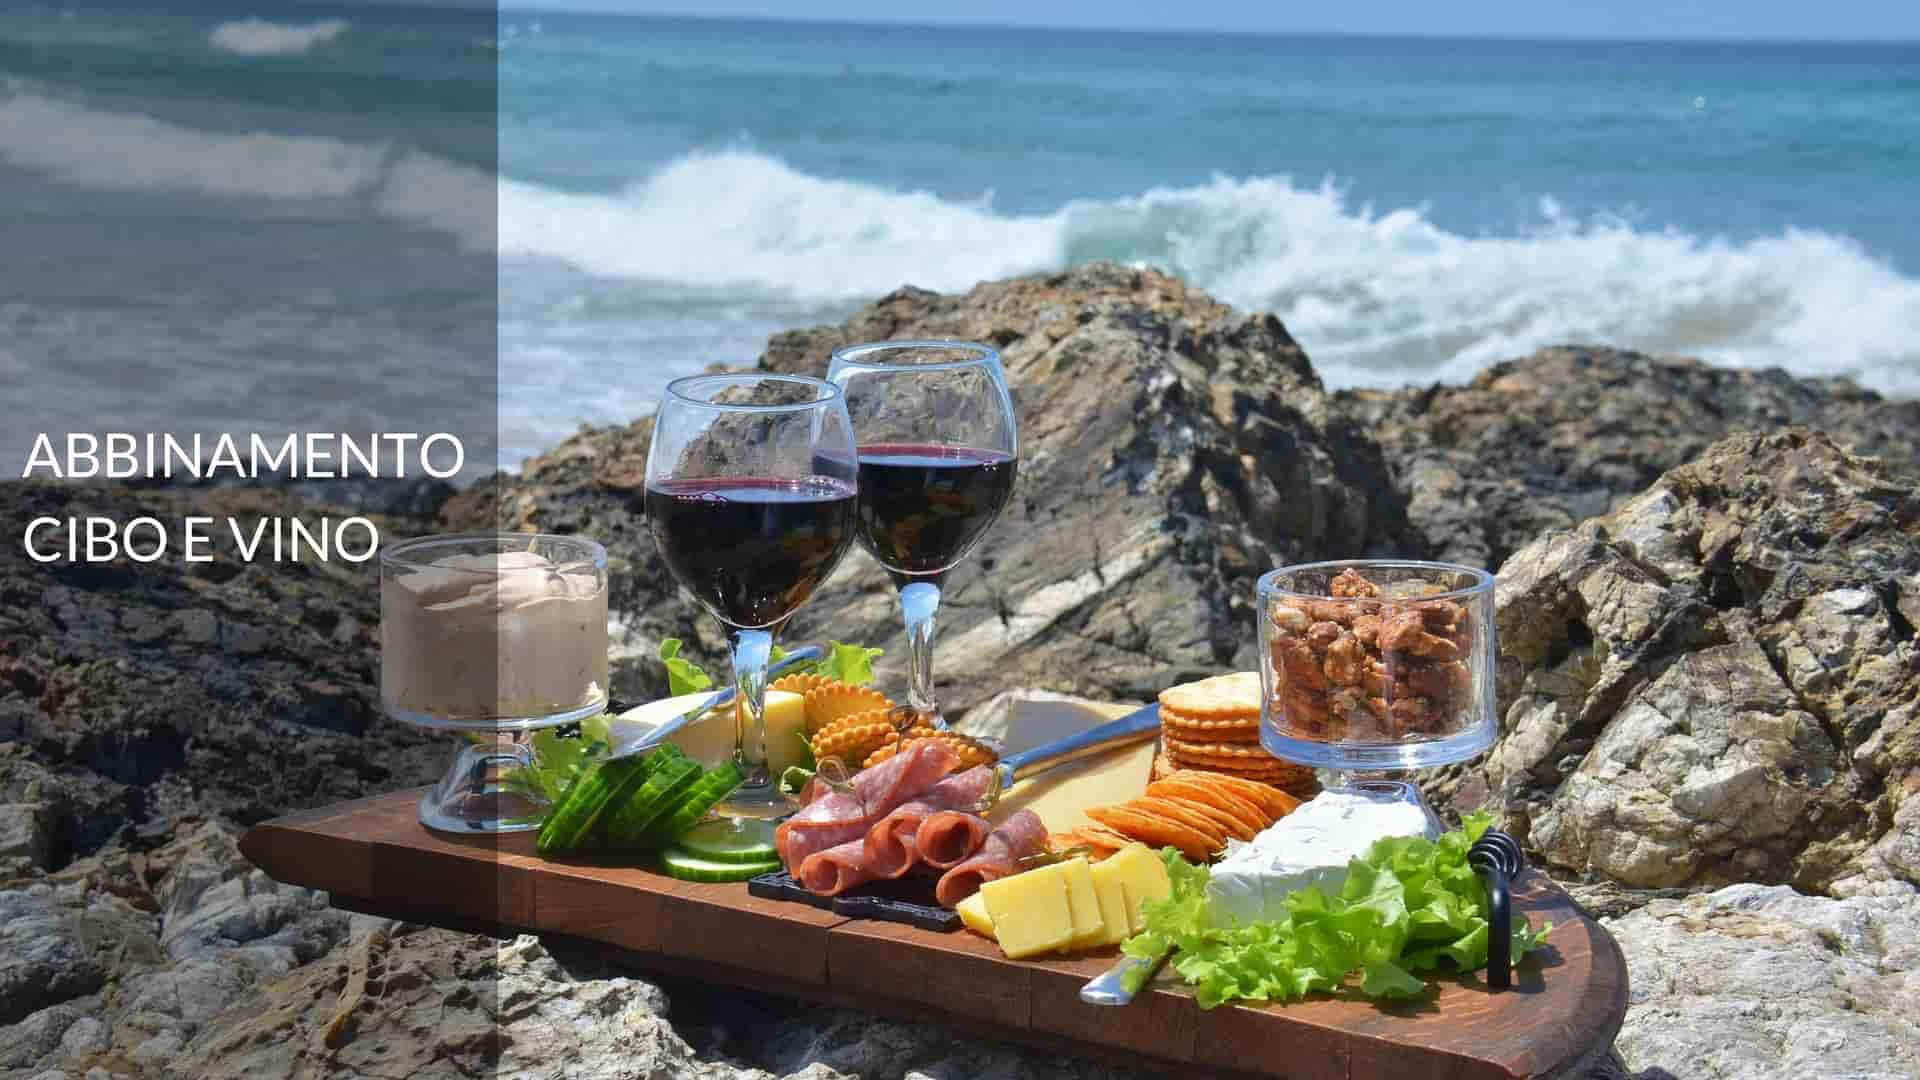 abbinamento cibo e vino